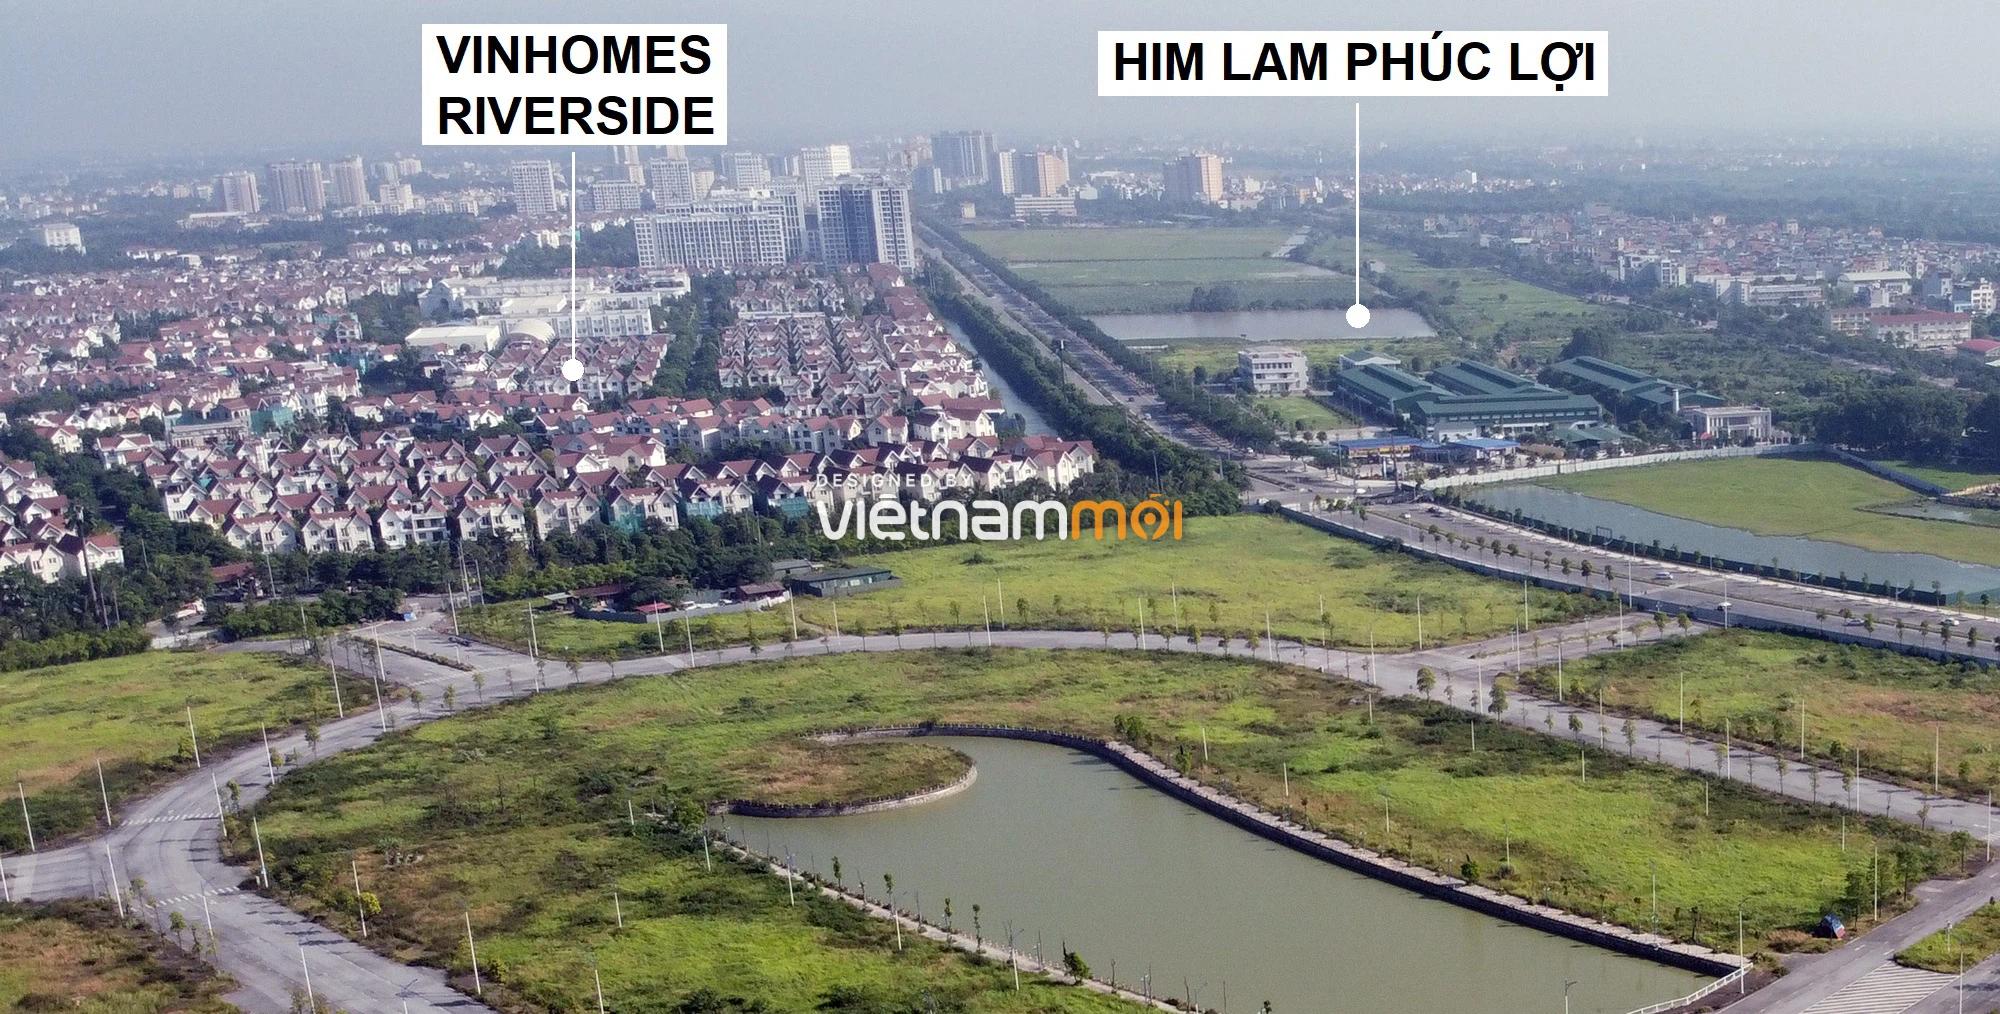 Toàn cảnh các dự án của Him Lam được hưởng lợi từ cầu Trần Hưng Đạo - Ảnh 12.